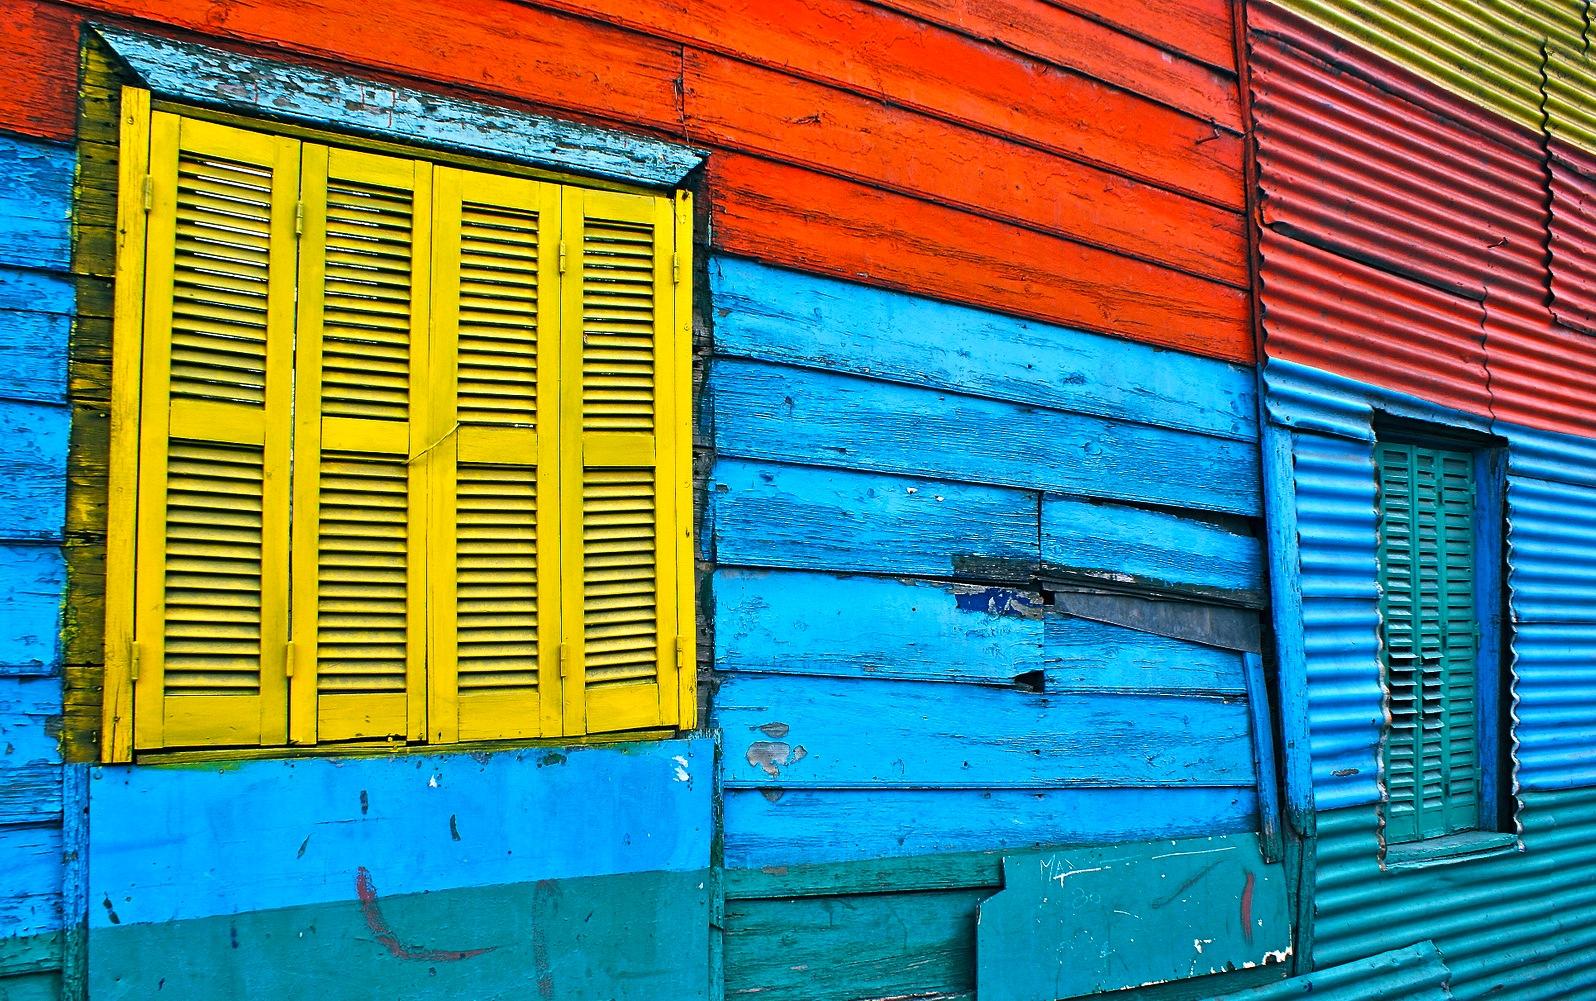 colors' power photography  by Mellamo Atef Amigo Aziz